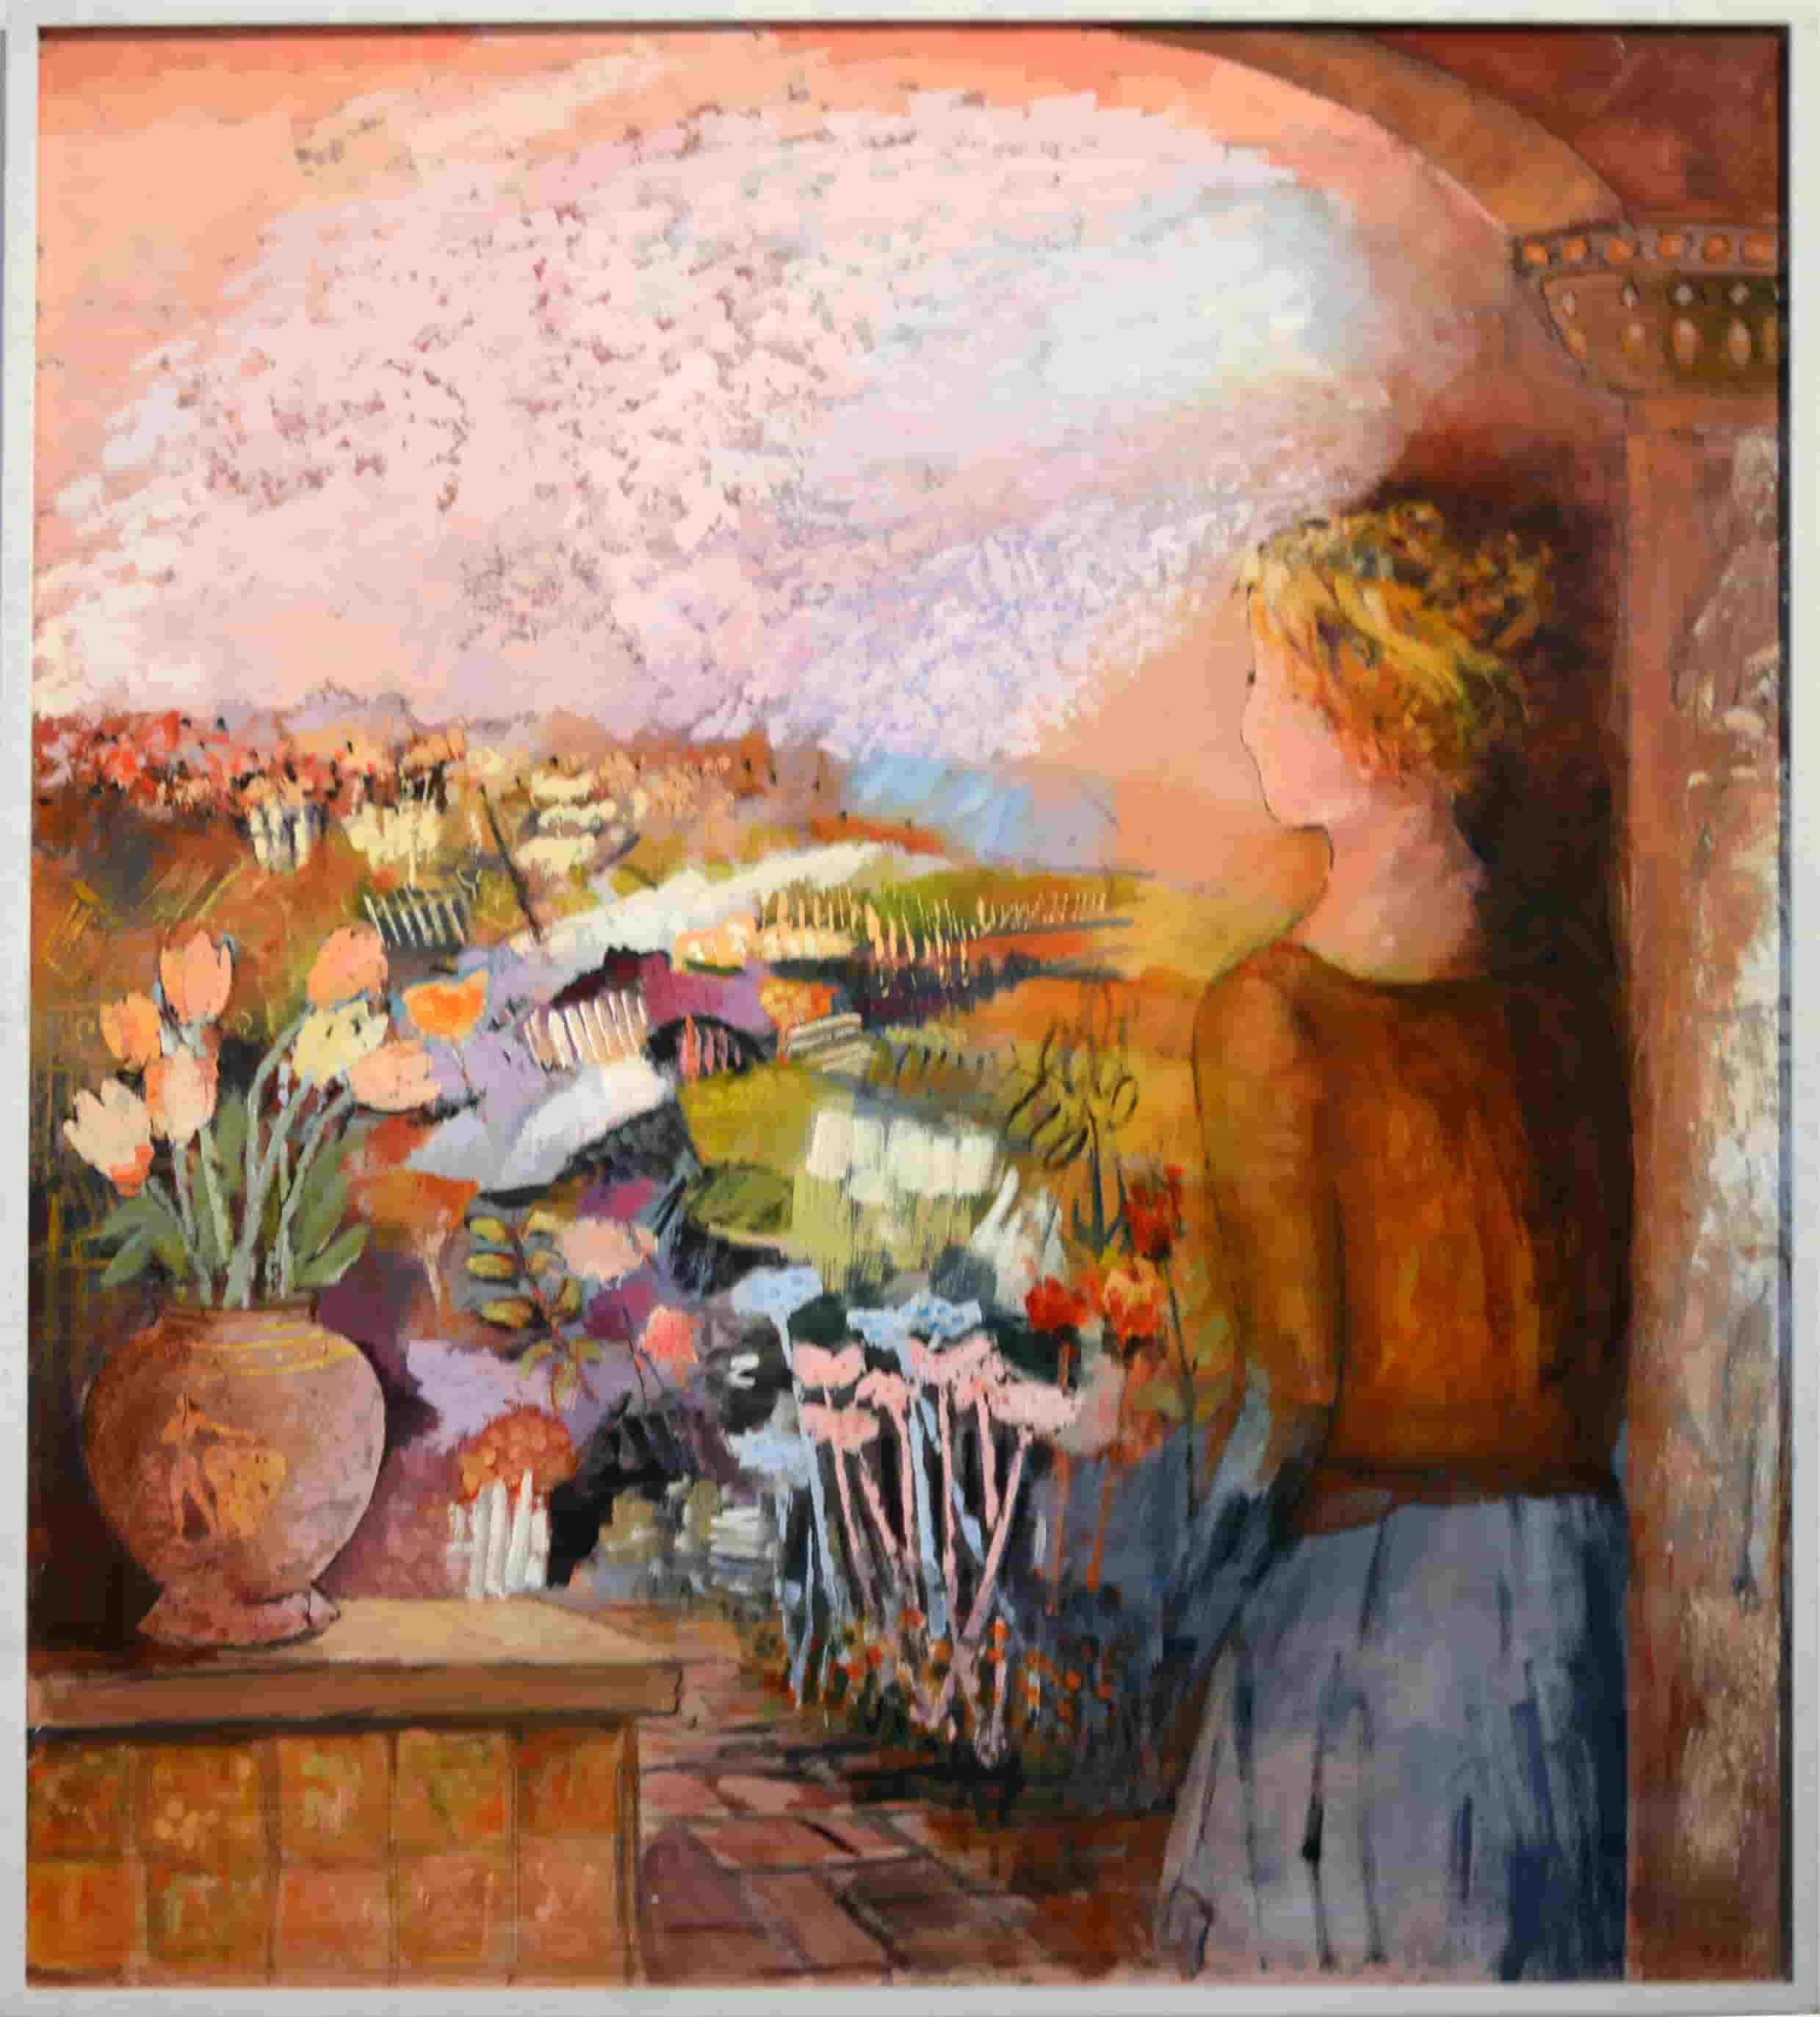 Bruno zago la delicatezza della pennellata dal figurativo all informale - La finestra sul giardino ...